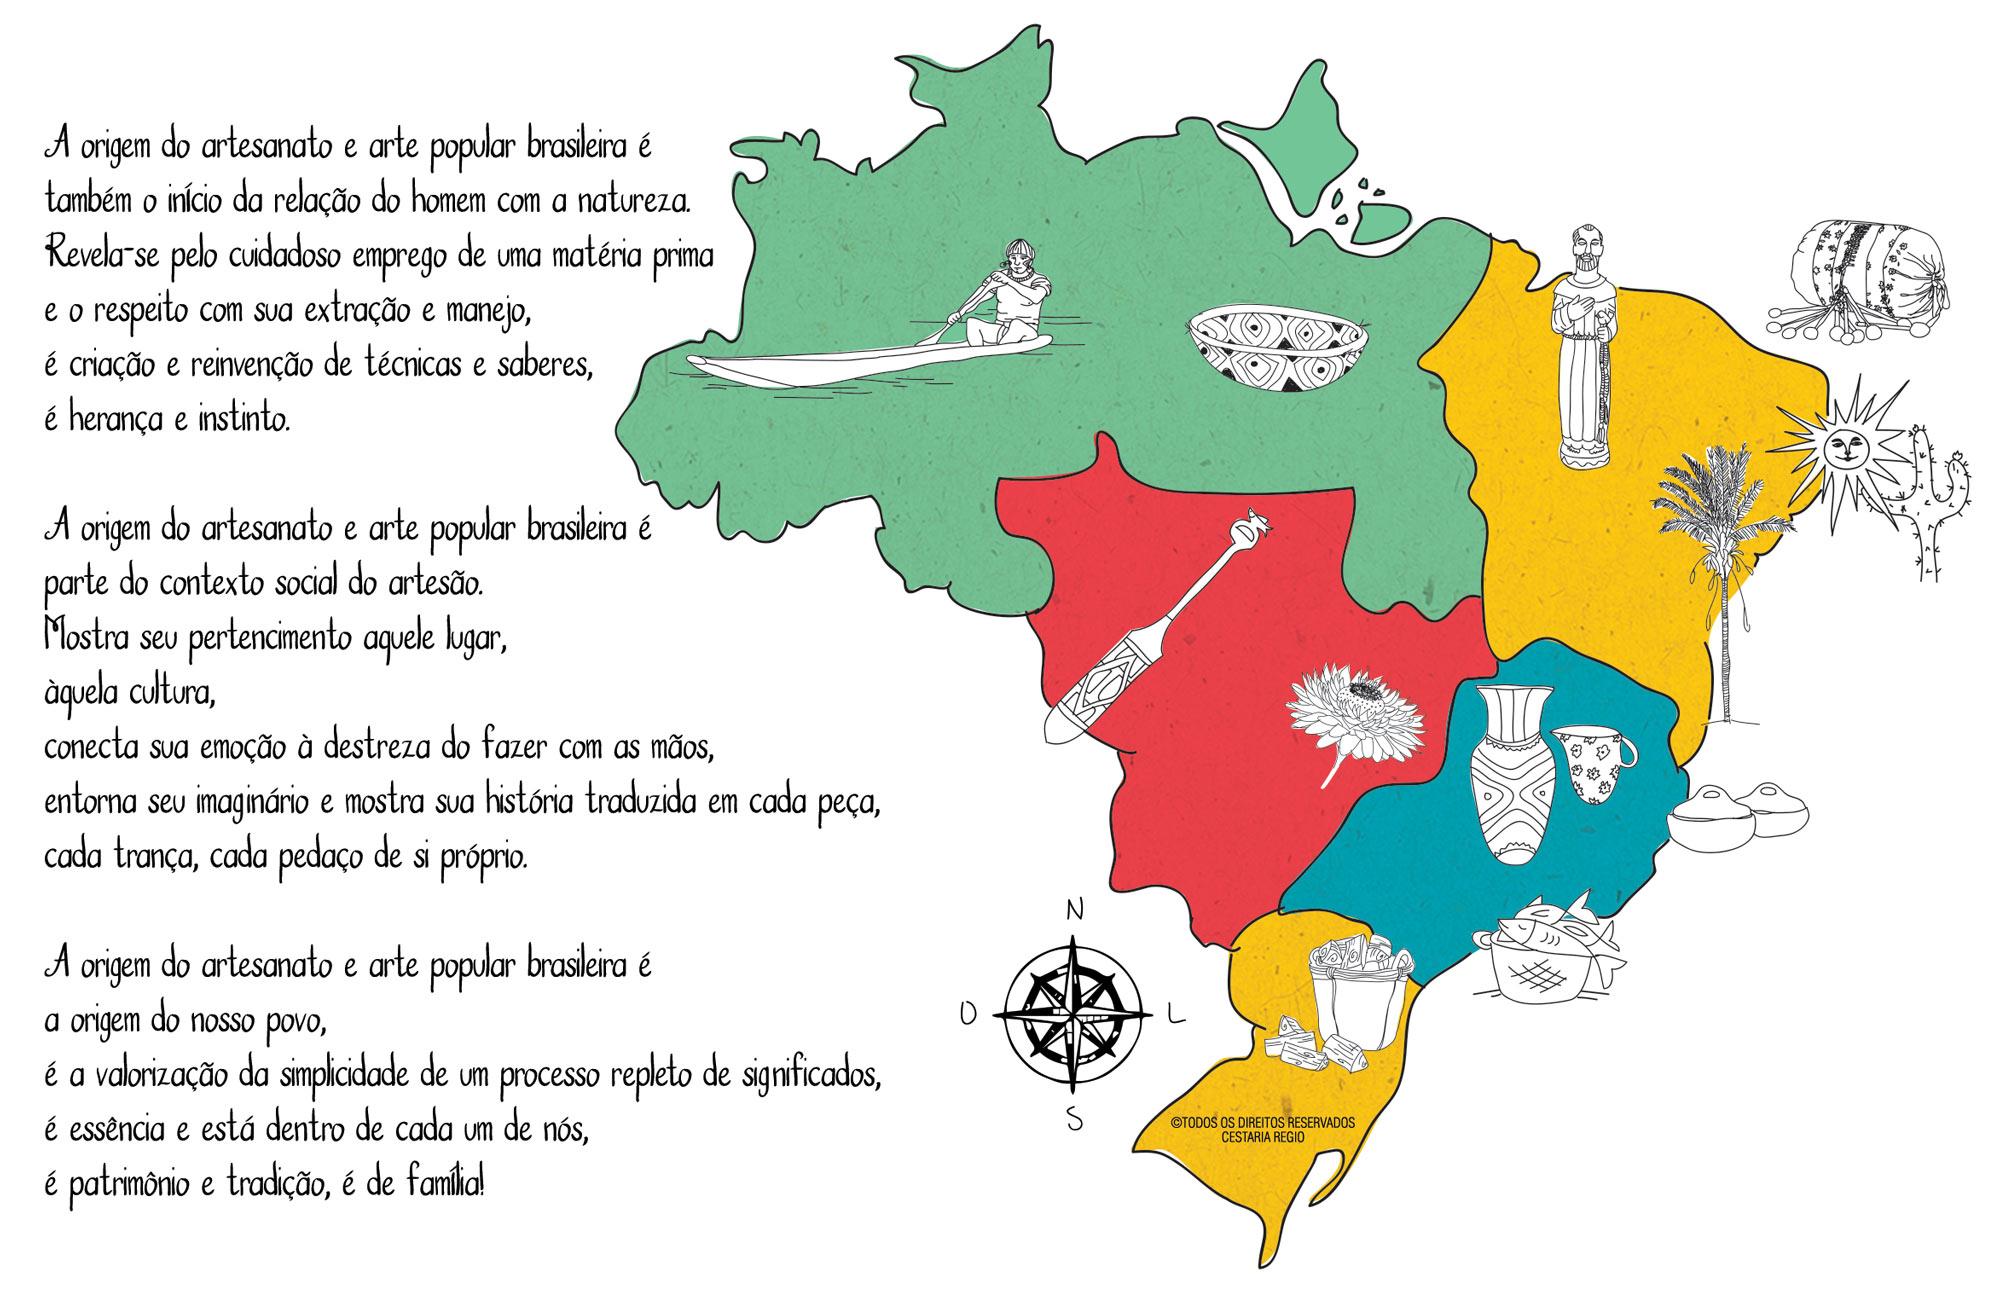 A origem do artesanato e arte popular brasileira é também o início da relação do home com a natureza. Revela-se pelo cuidadoso emprego de uma matéria prima e o respeito com sua extração e manejo, é criação e reinvenção de técnicas e saberes, é herança e instinto. A origem do artesanato e arte popular brasileira é parte do contexto social do artesão. Mostra seu pertencimento aquele lugar, àquela cultura, conecta sua emoção à destreza do fazer com as mãos, entorna seu imaginário e mostra sua história traduzida em cada peça, cada trança, cada pedaço de si próprio.